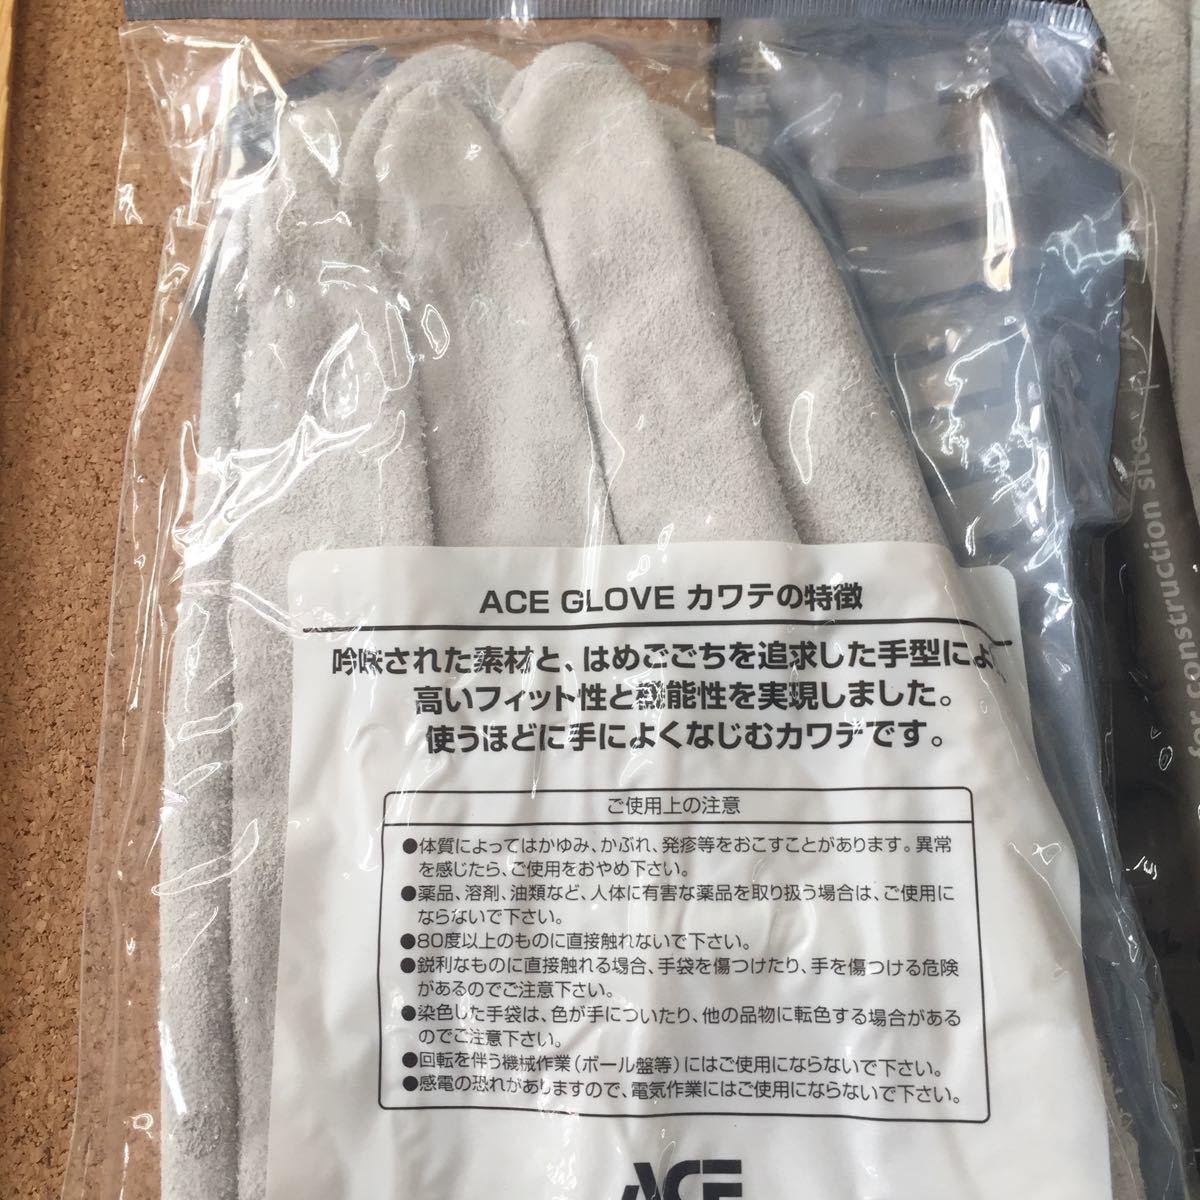 エースグローブ ホンポ カワテ Lサイズ 新品 2組 送料198円 値下げ!_画像3